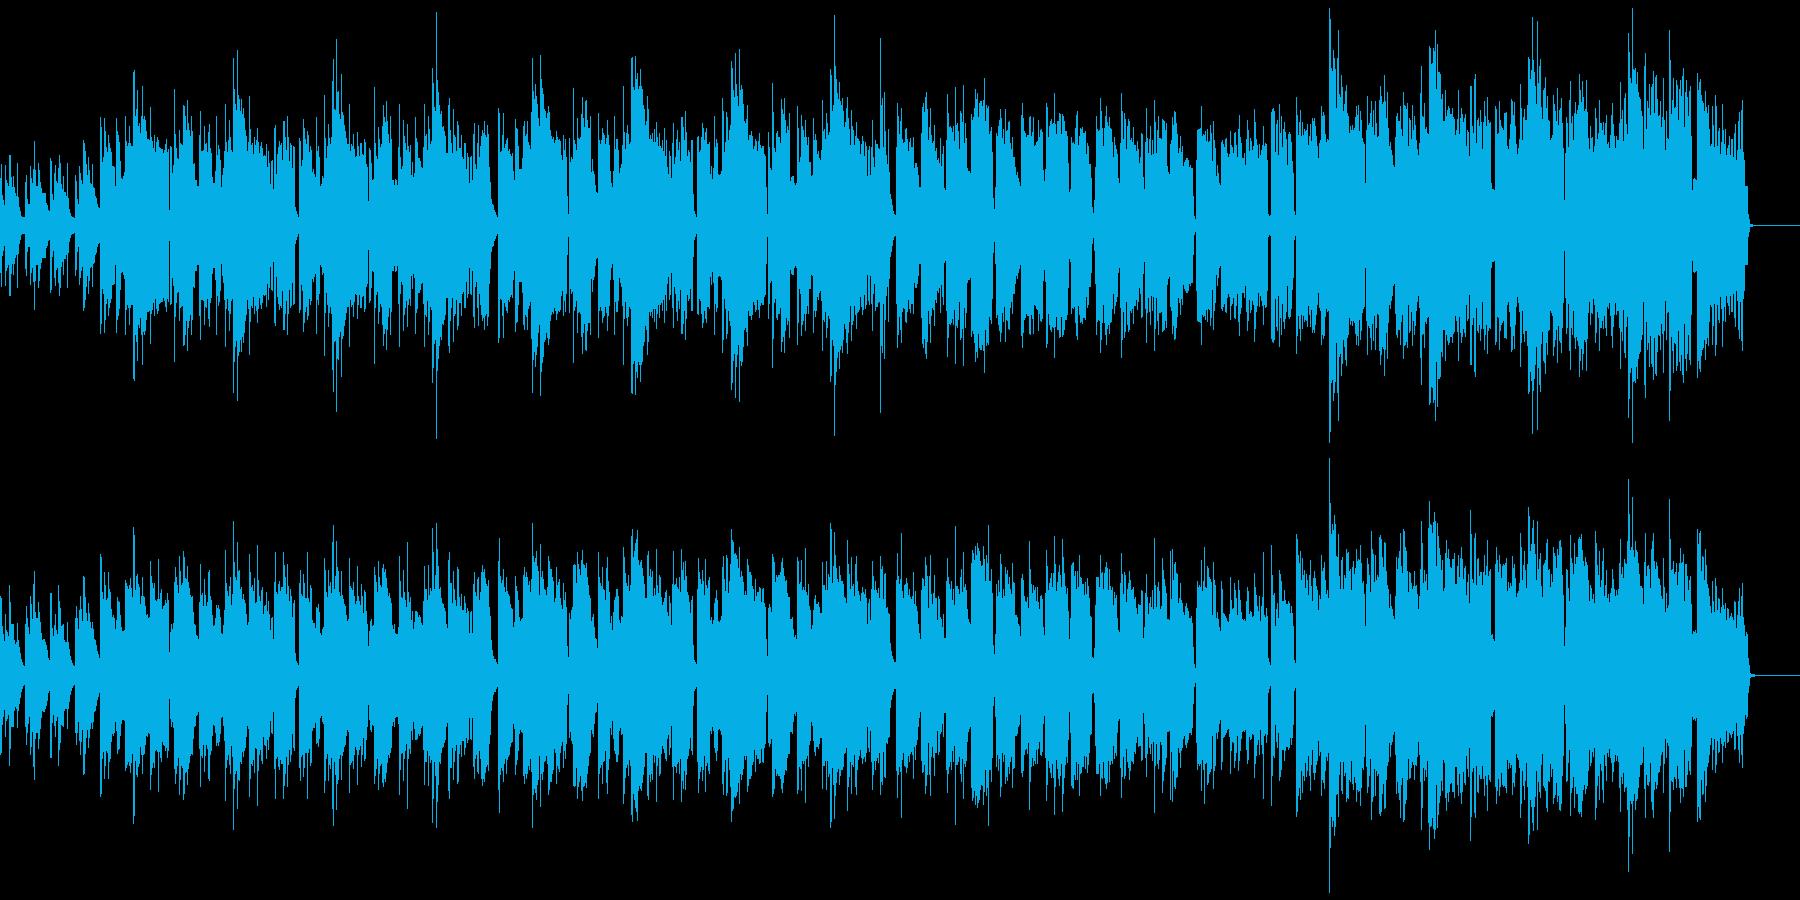 やさしく温かい雰囲気のリコーダーの再生済みの波形